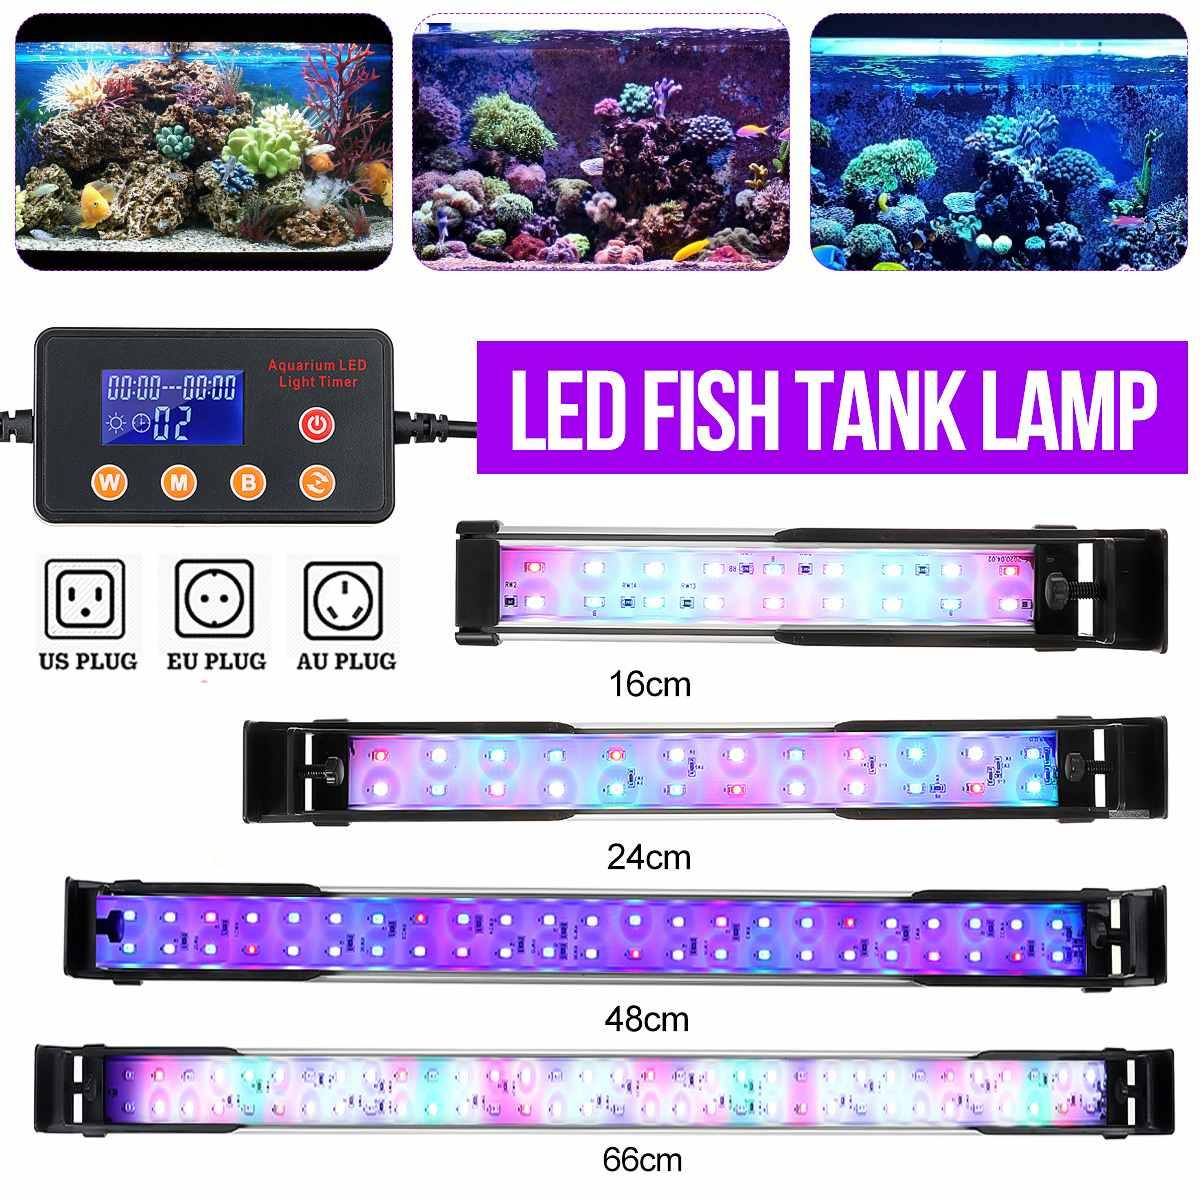 Luz LED para acuario Led iluminación lámpara para acuario 22-72CM, ajustable planta acuática lámparas RGB decoración remoto profesional luces